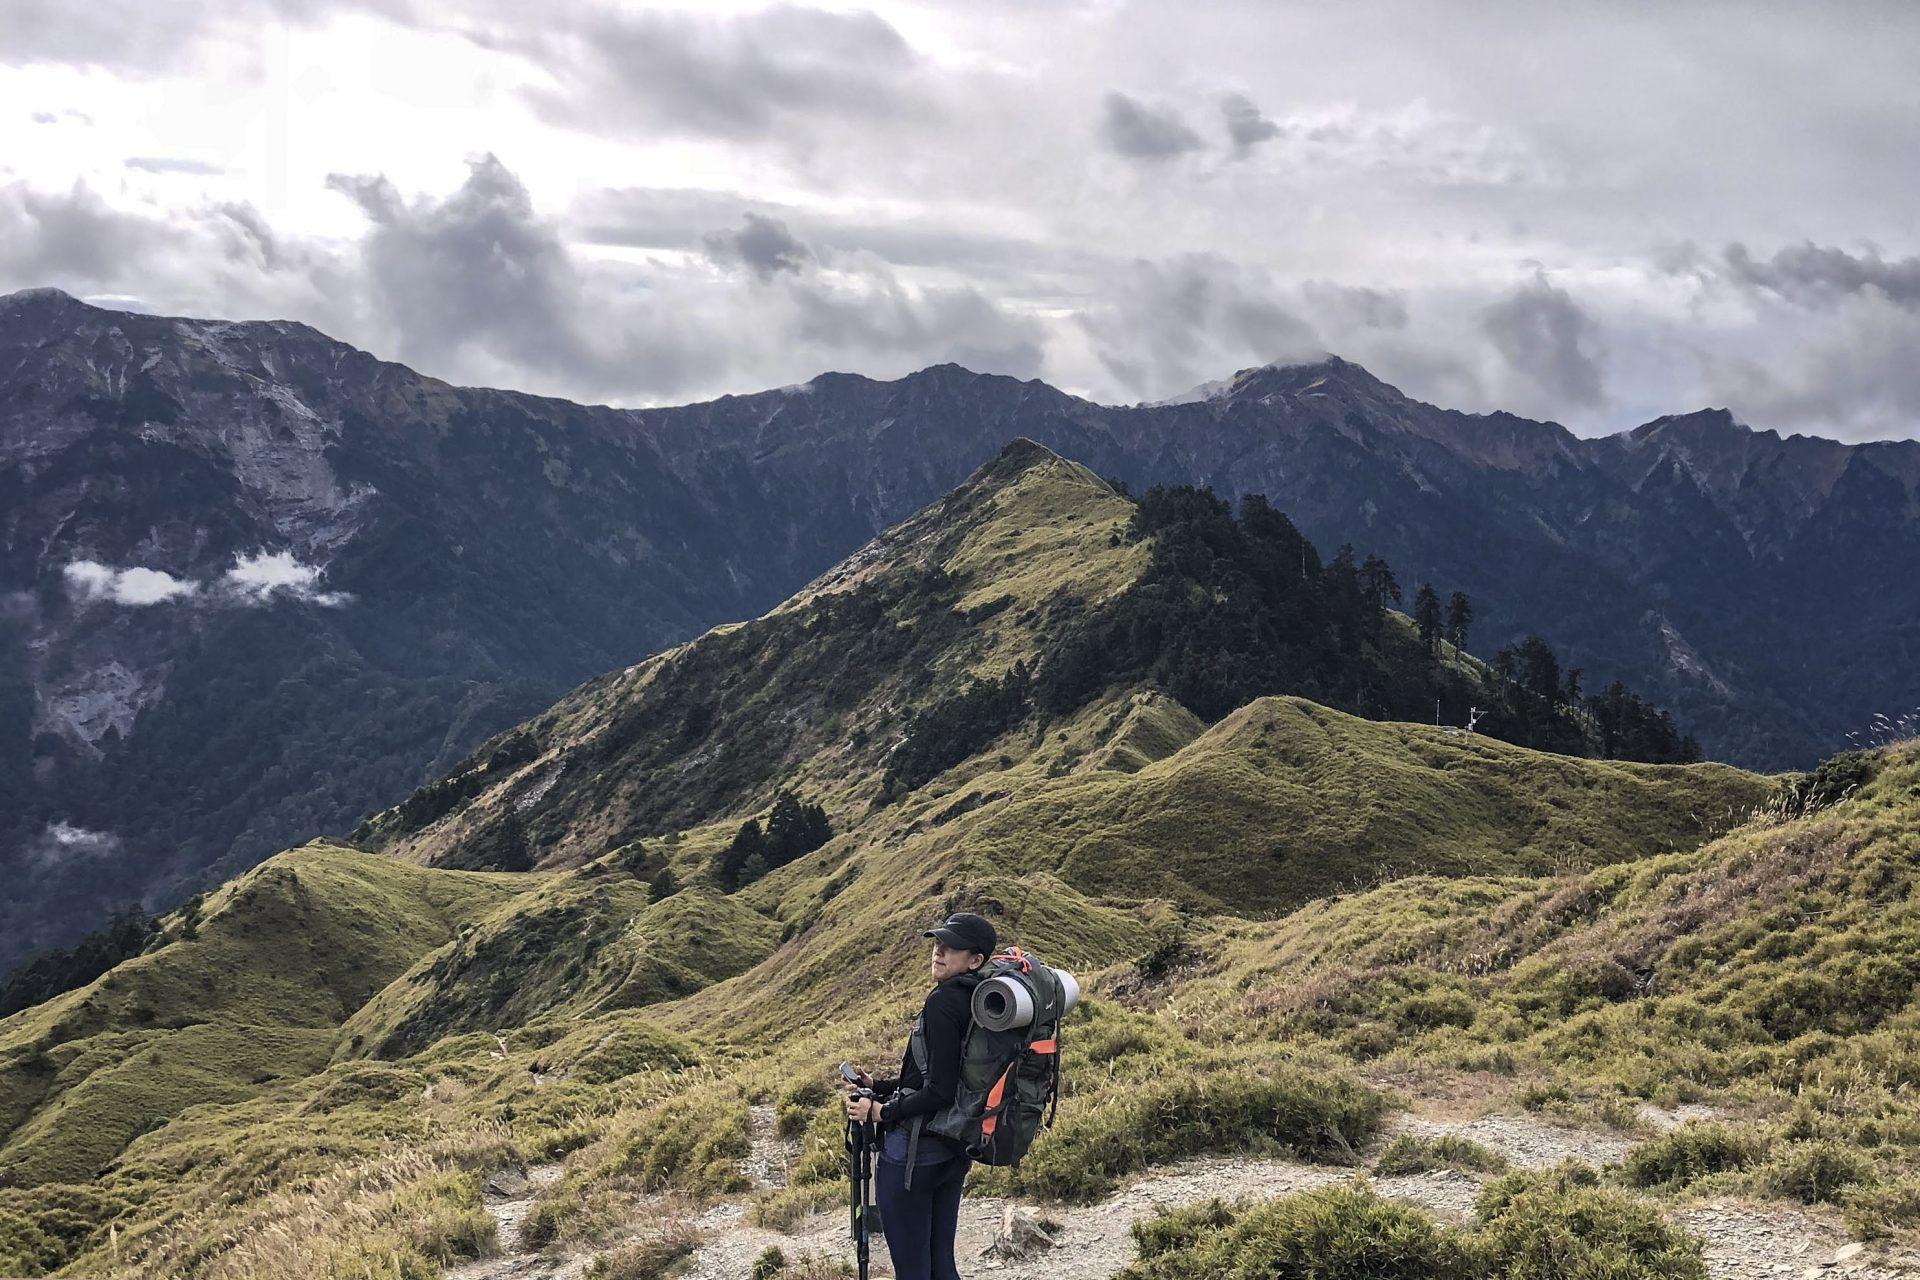 初登百岳:不疾不徐,沒有要去哪裡,只想在山裡